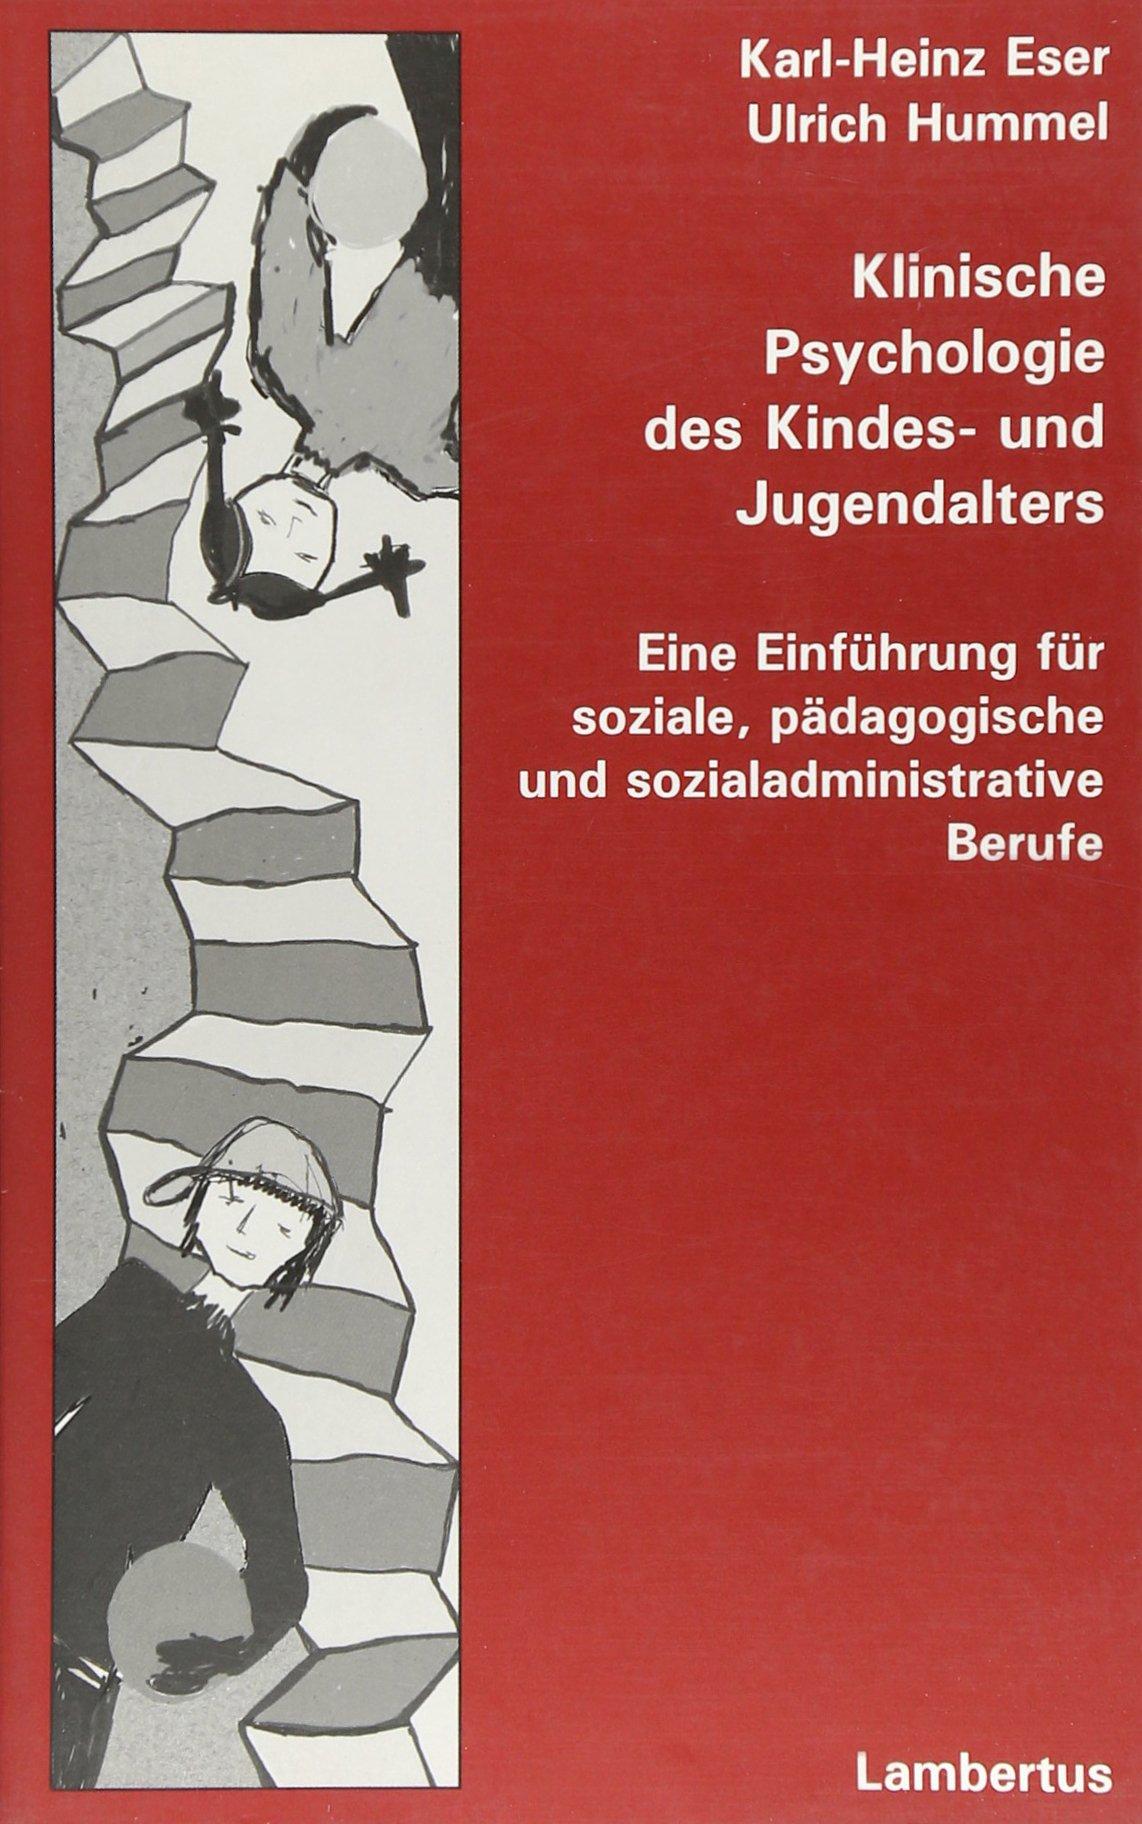 Klinische Psychologie des Kindes- und Jugendalters. Eine Einführung für soziale, pädagogische und sozialadministrative Berufe